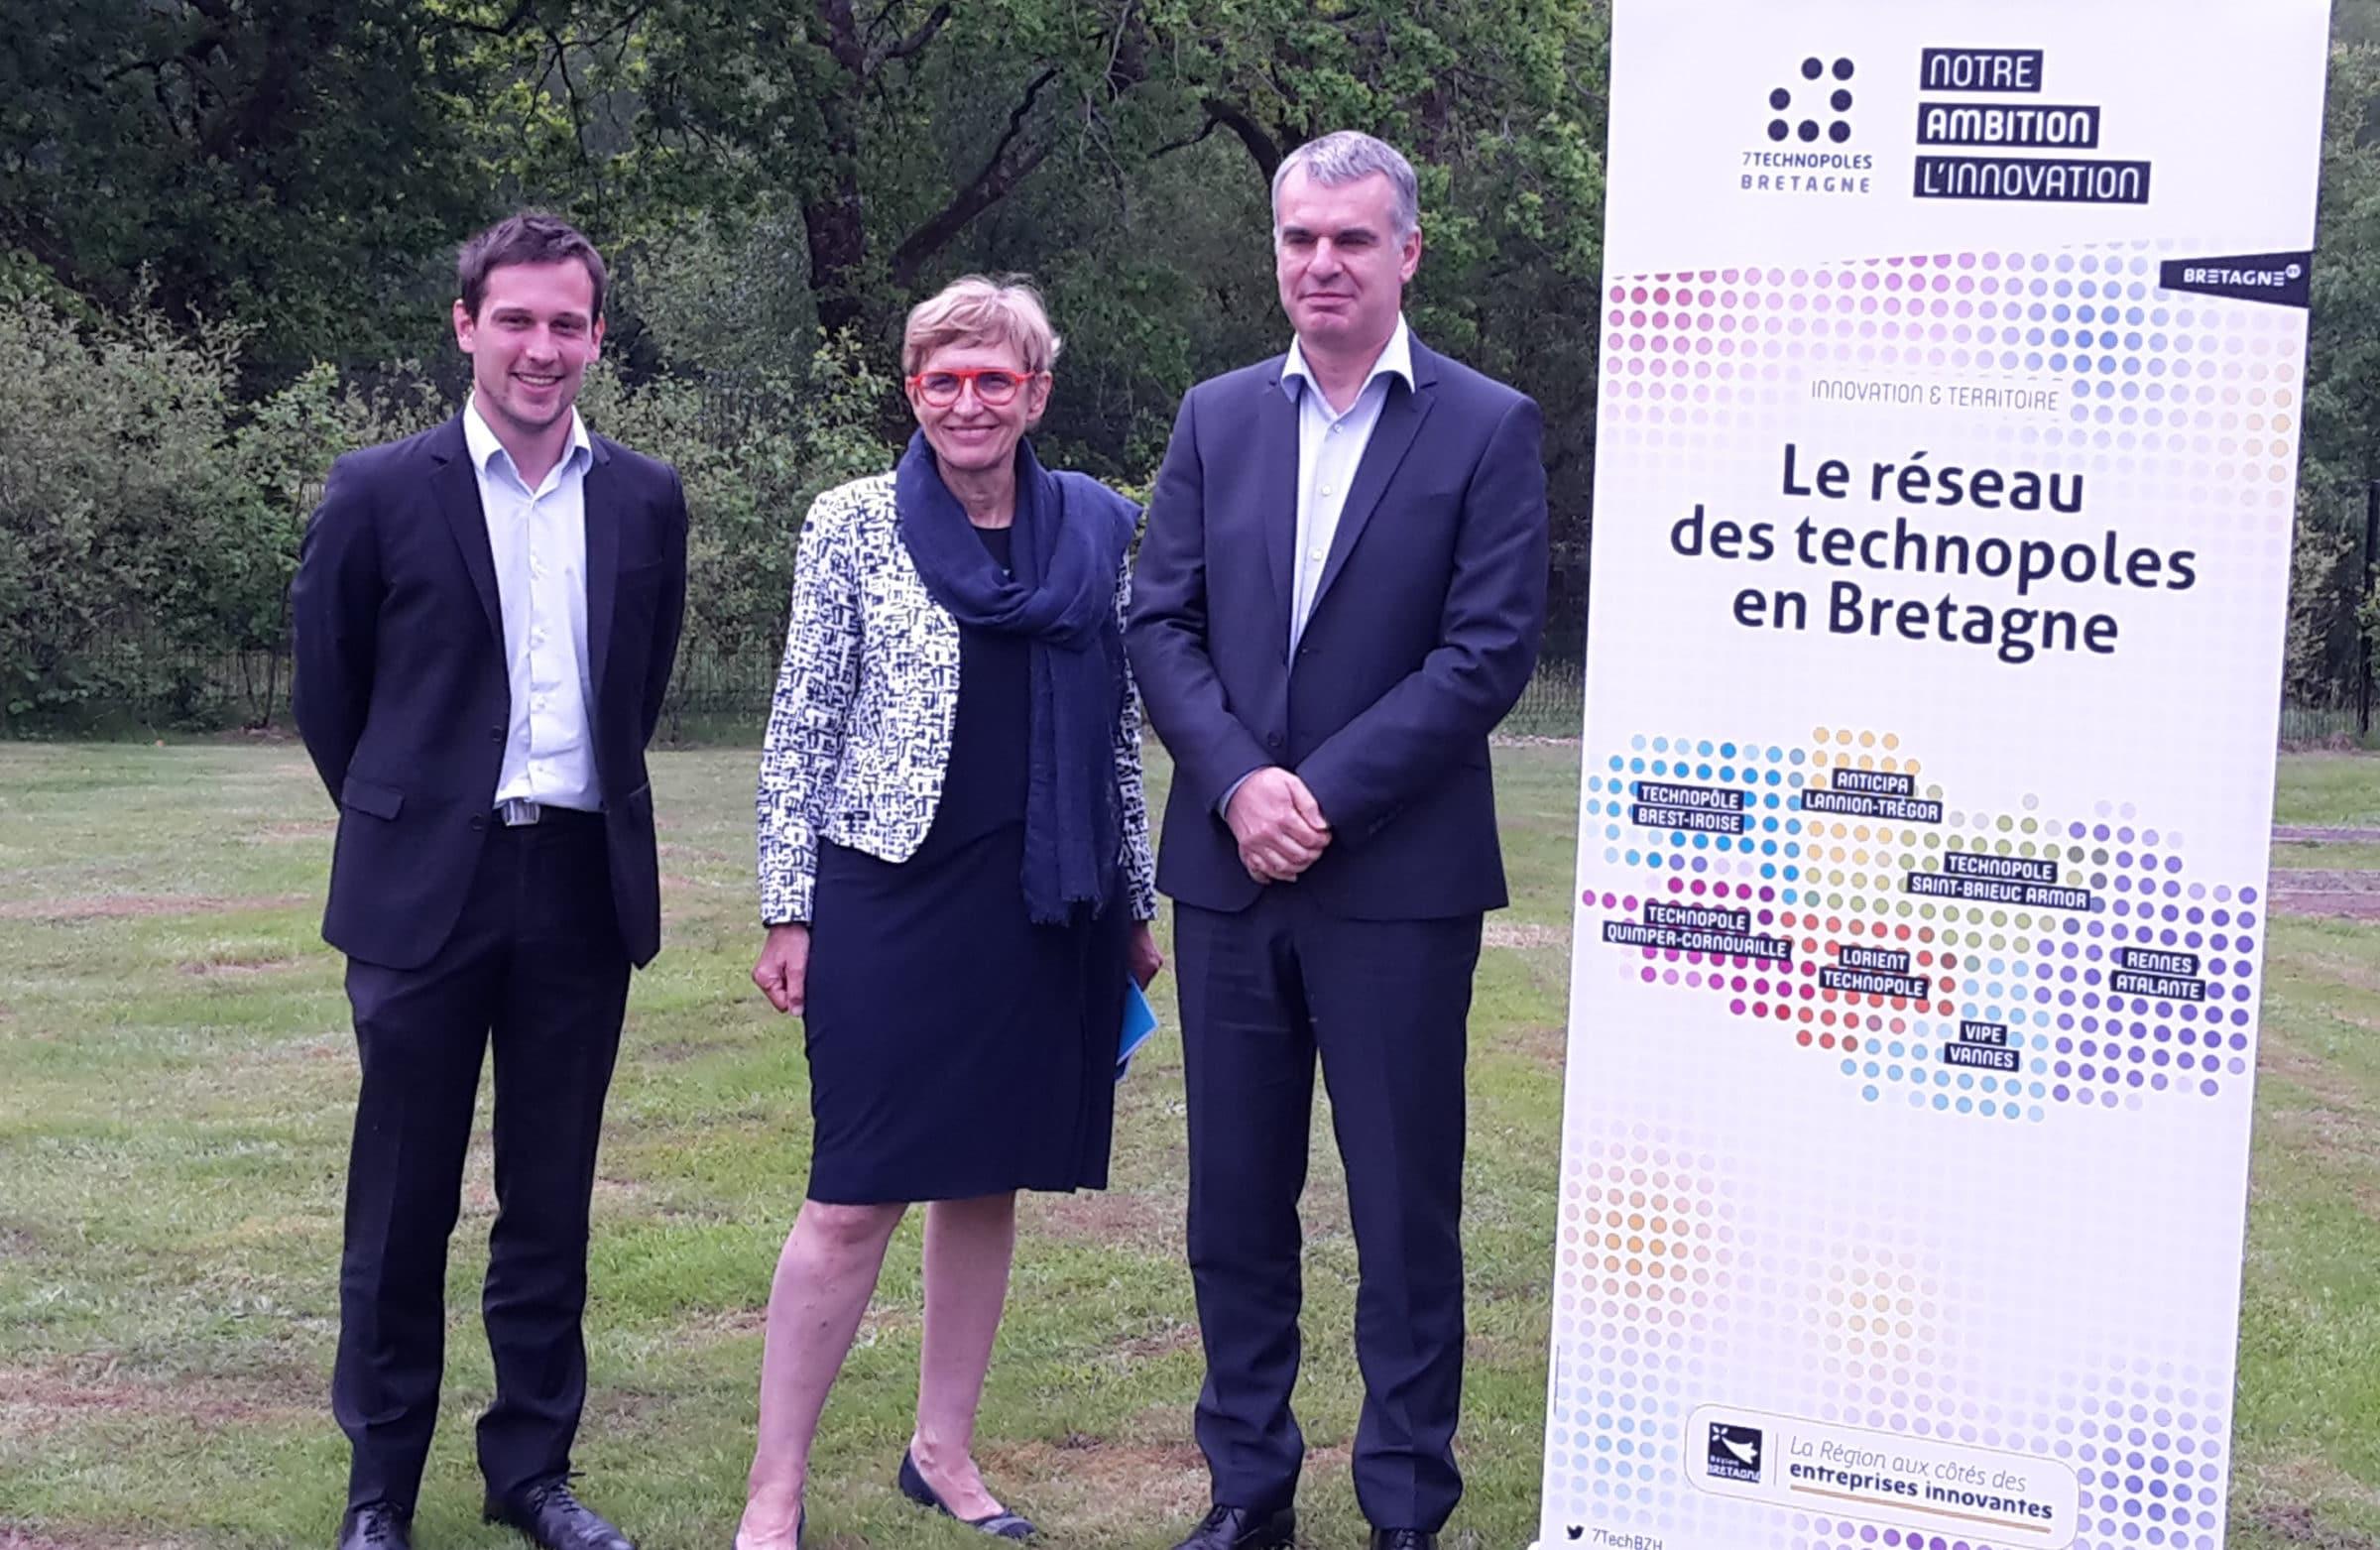 Assemblée Générale des 7 Technopoles de Bretagne – 83 entreprises innovantes créées en 2017 et 57 startups incubées par Emergys Bretagne